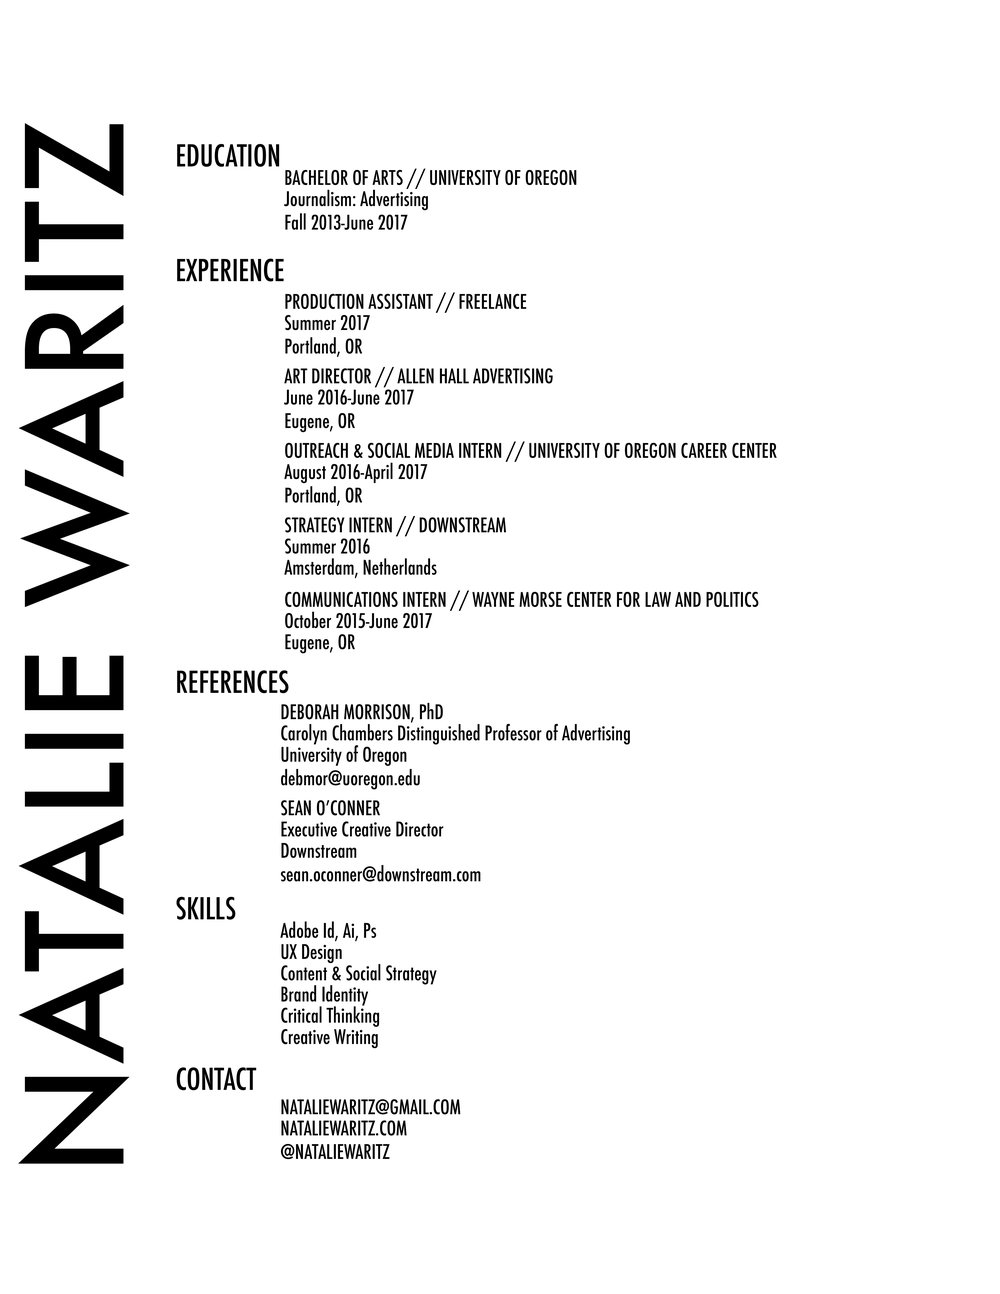 WaritzNatalie_Resume2017pdf.jpg